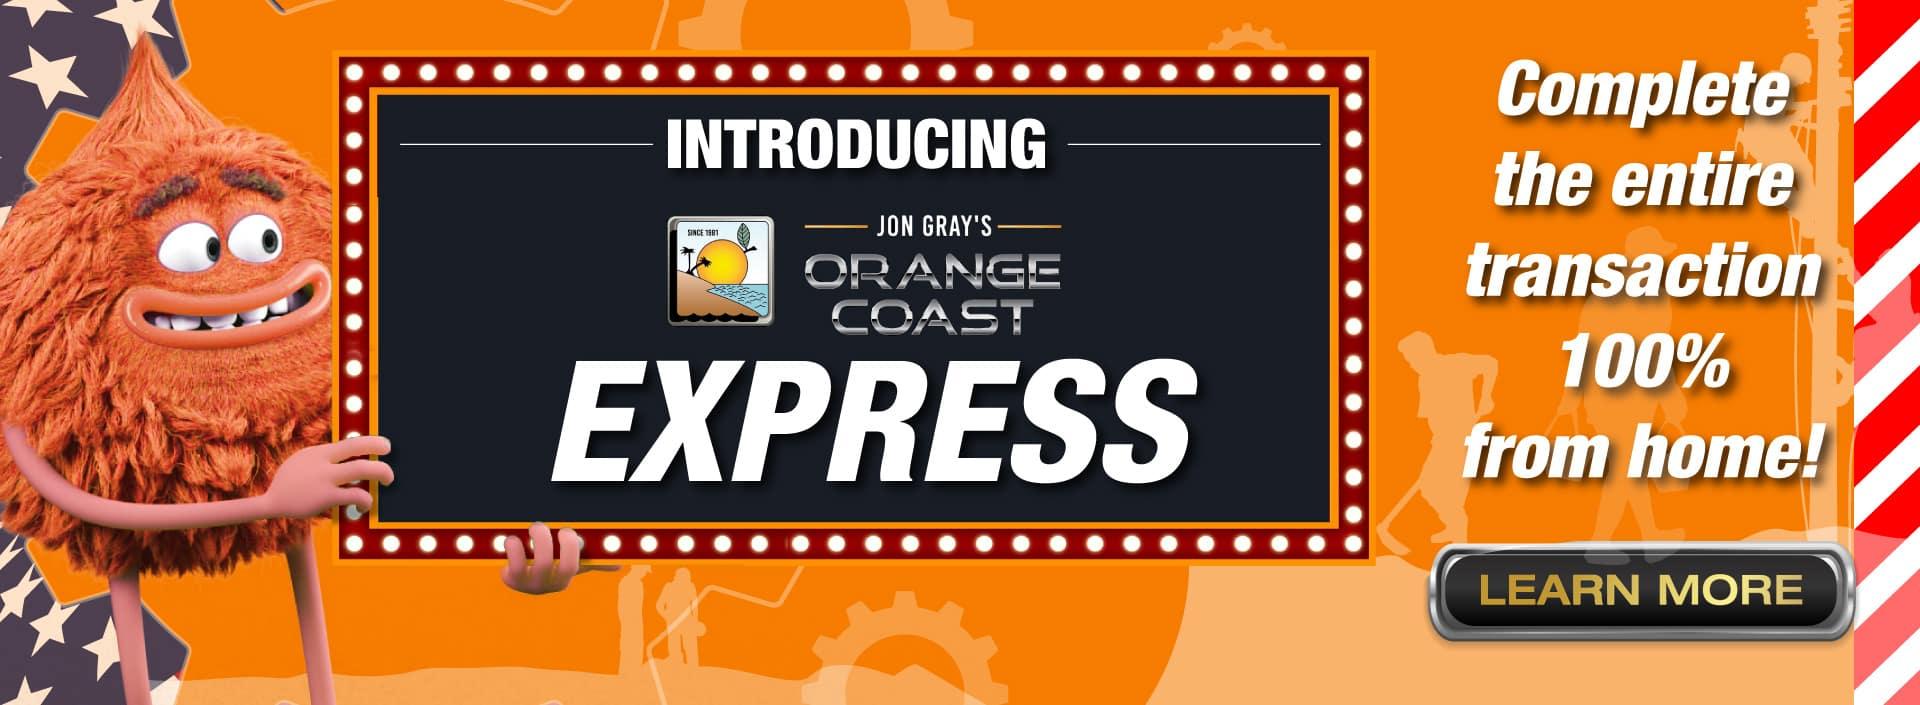 OC slide_expressservice Sept_1920x705